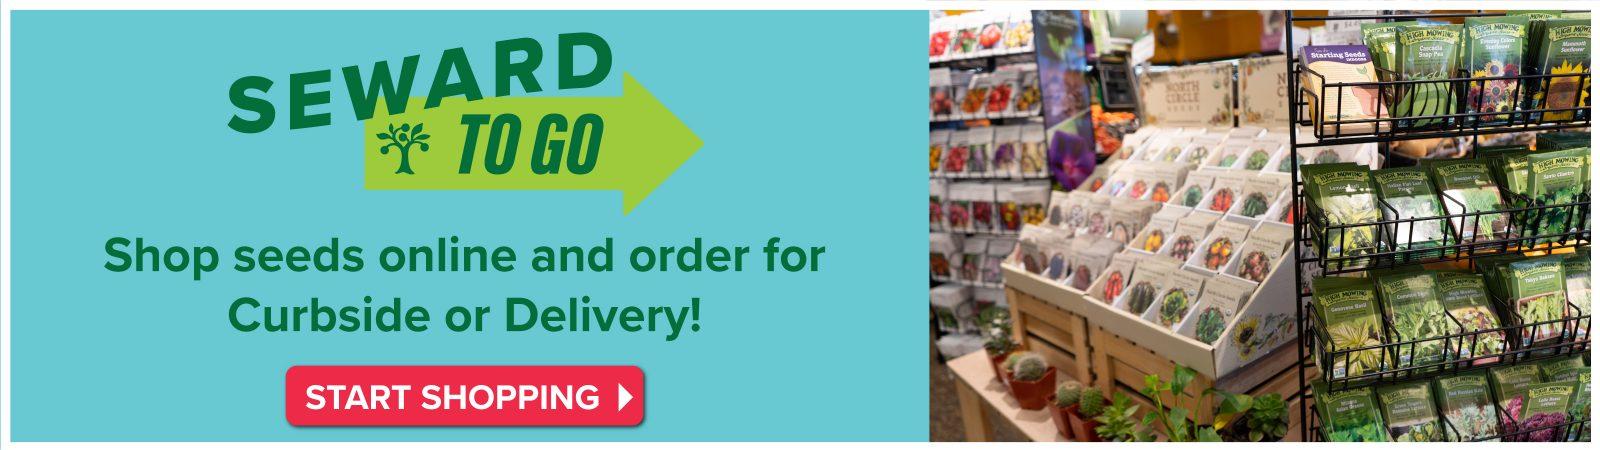 shop for seeds online